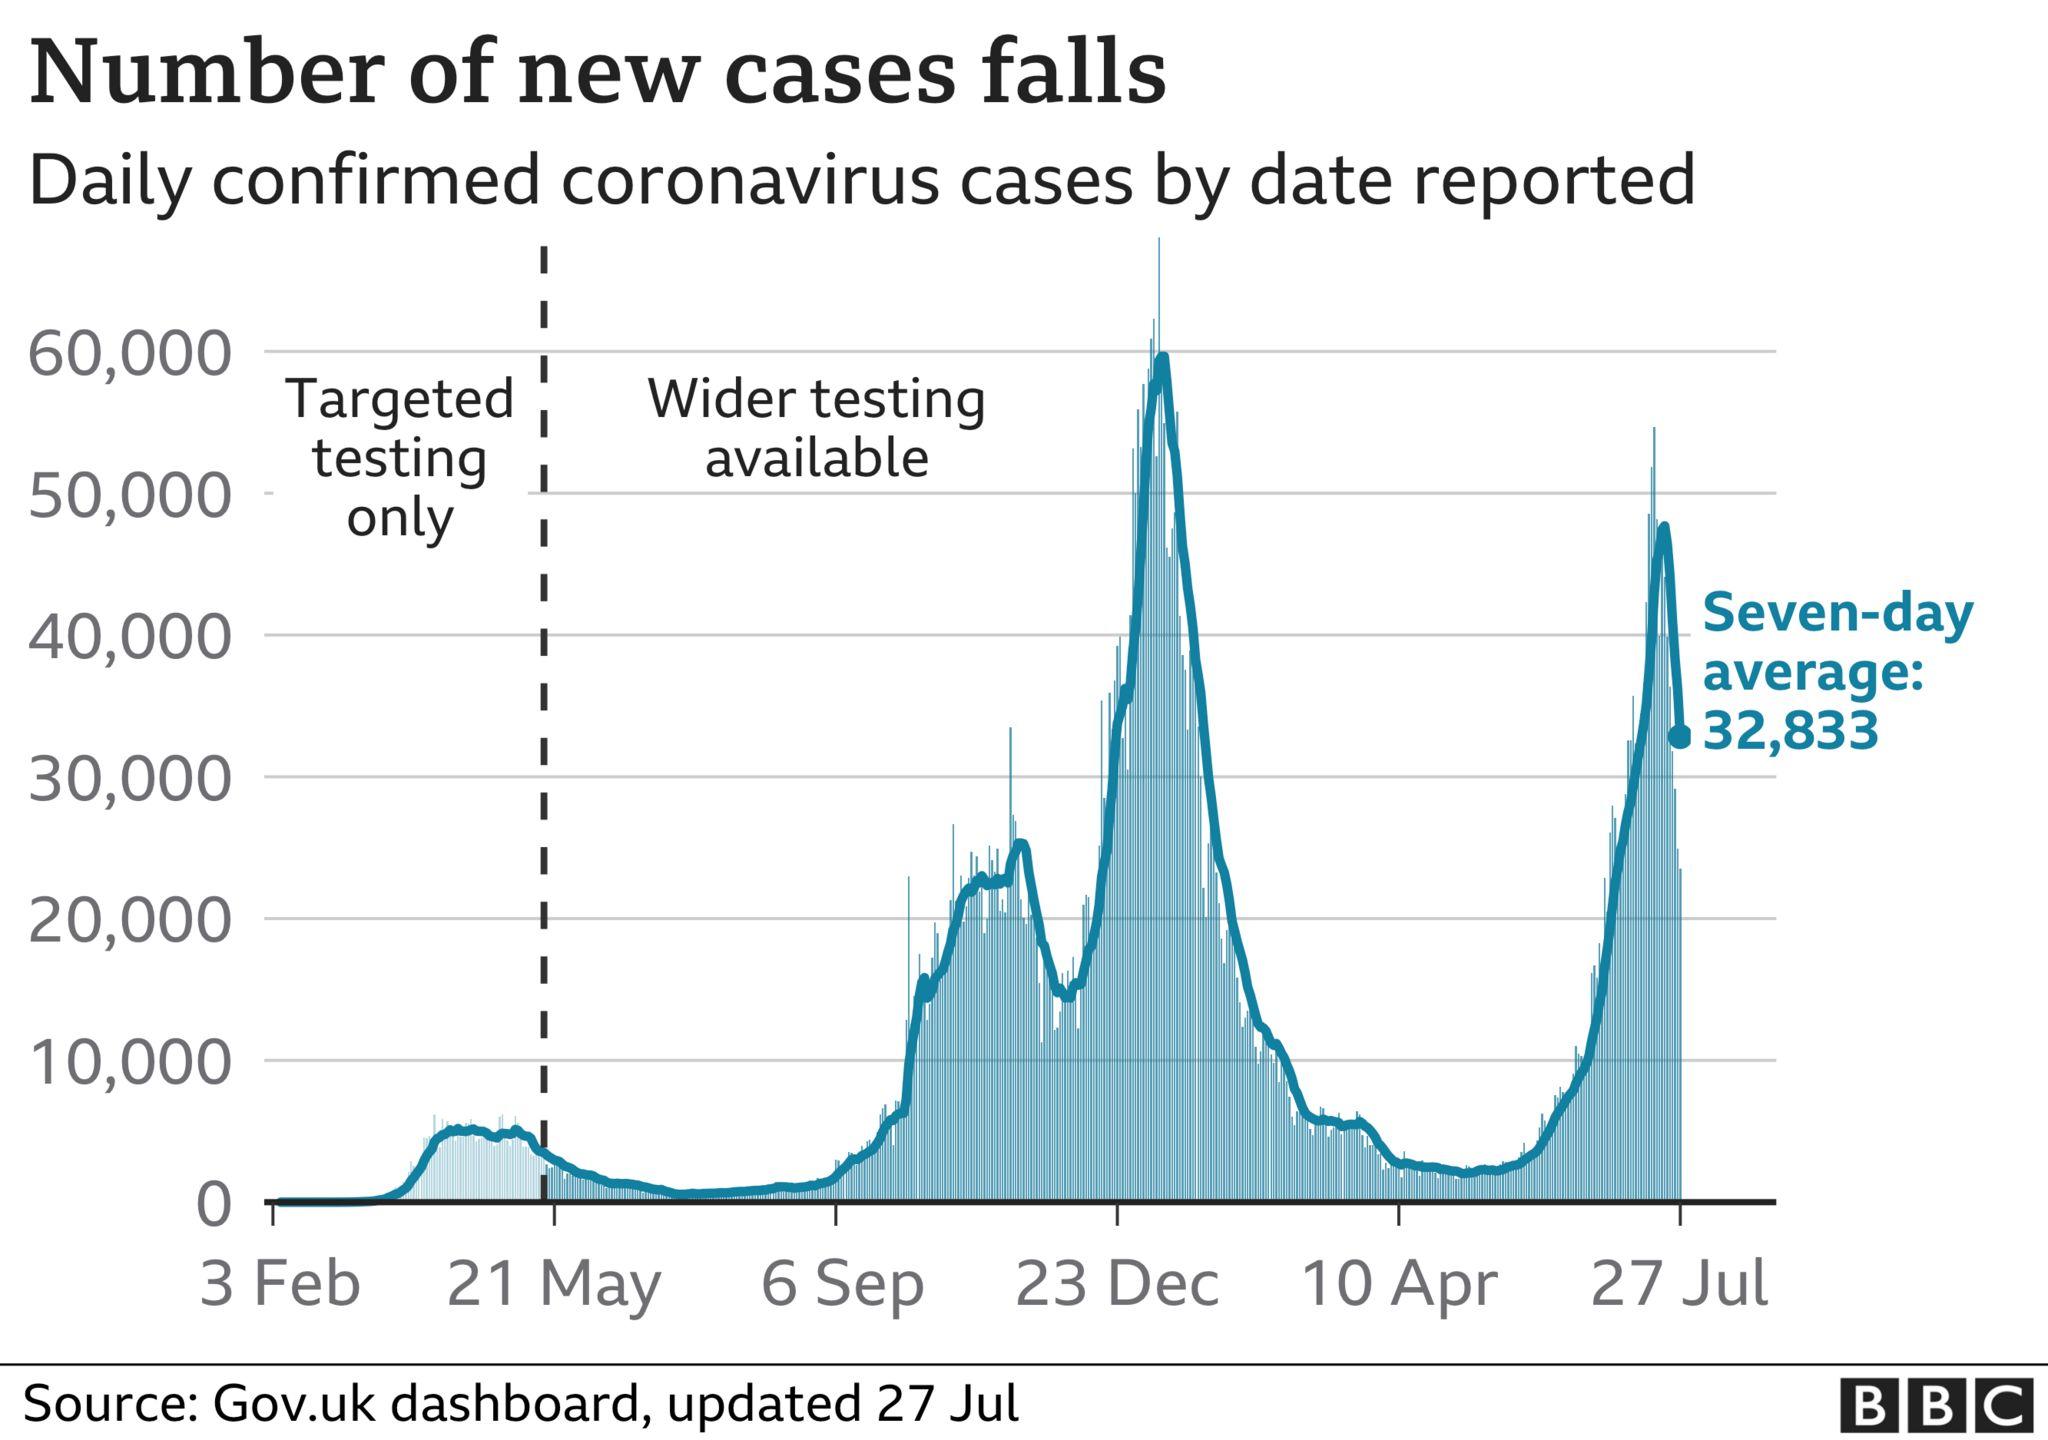 UK daily number of coronavirus cases